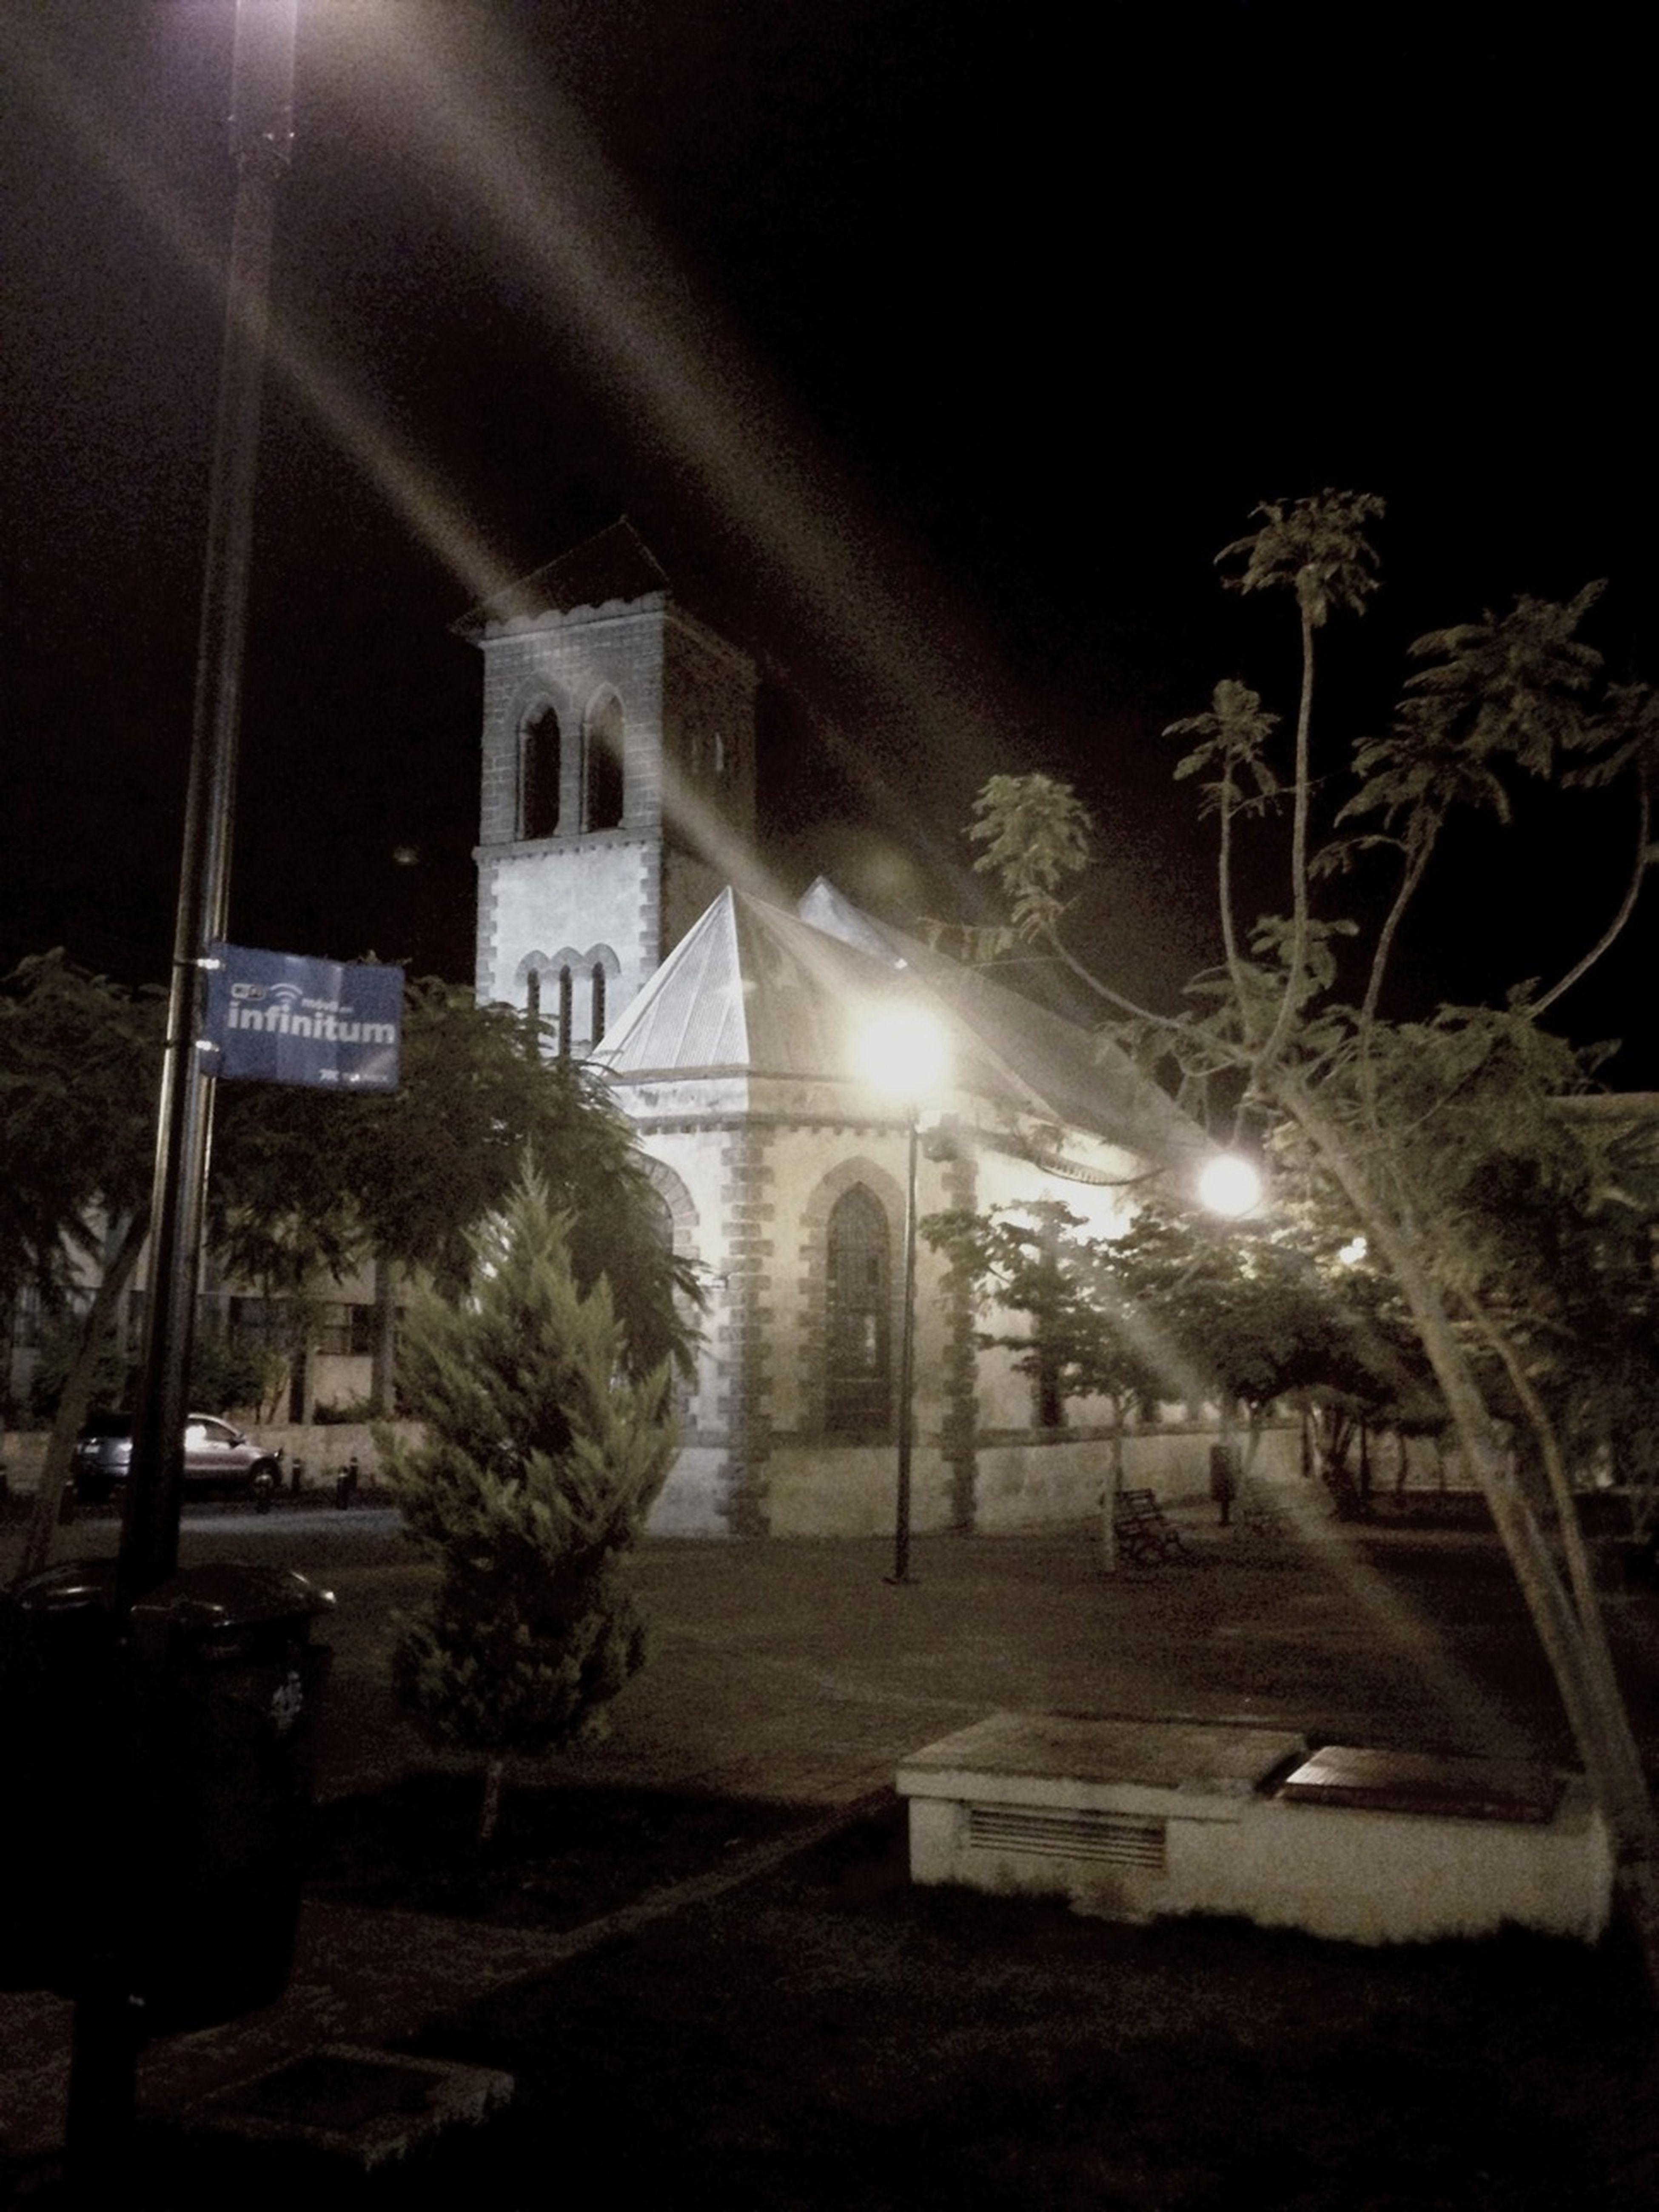 Hermosa Noche Gdl